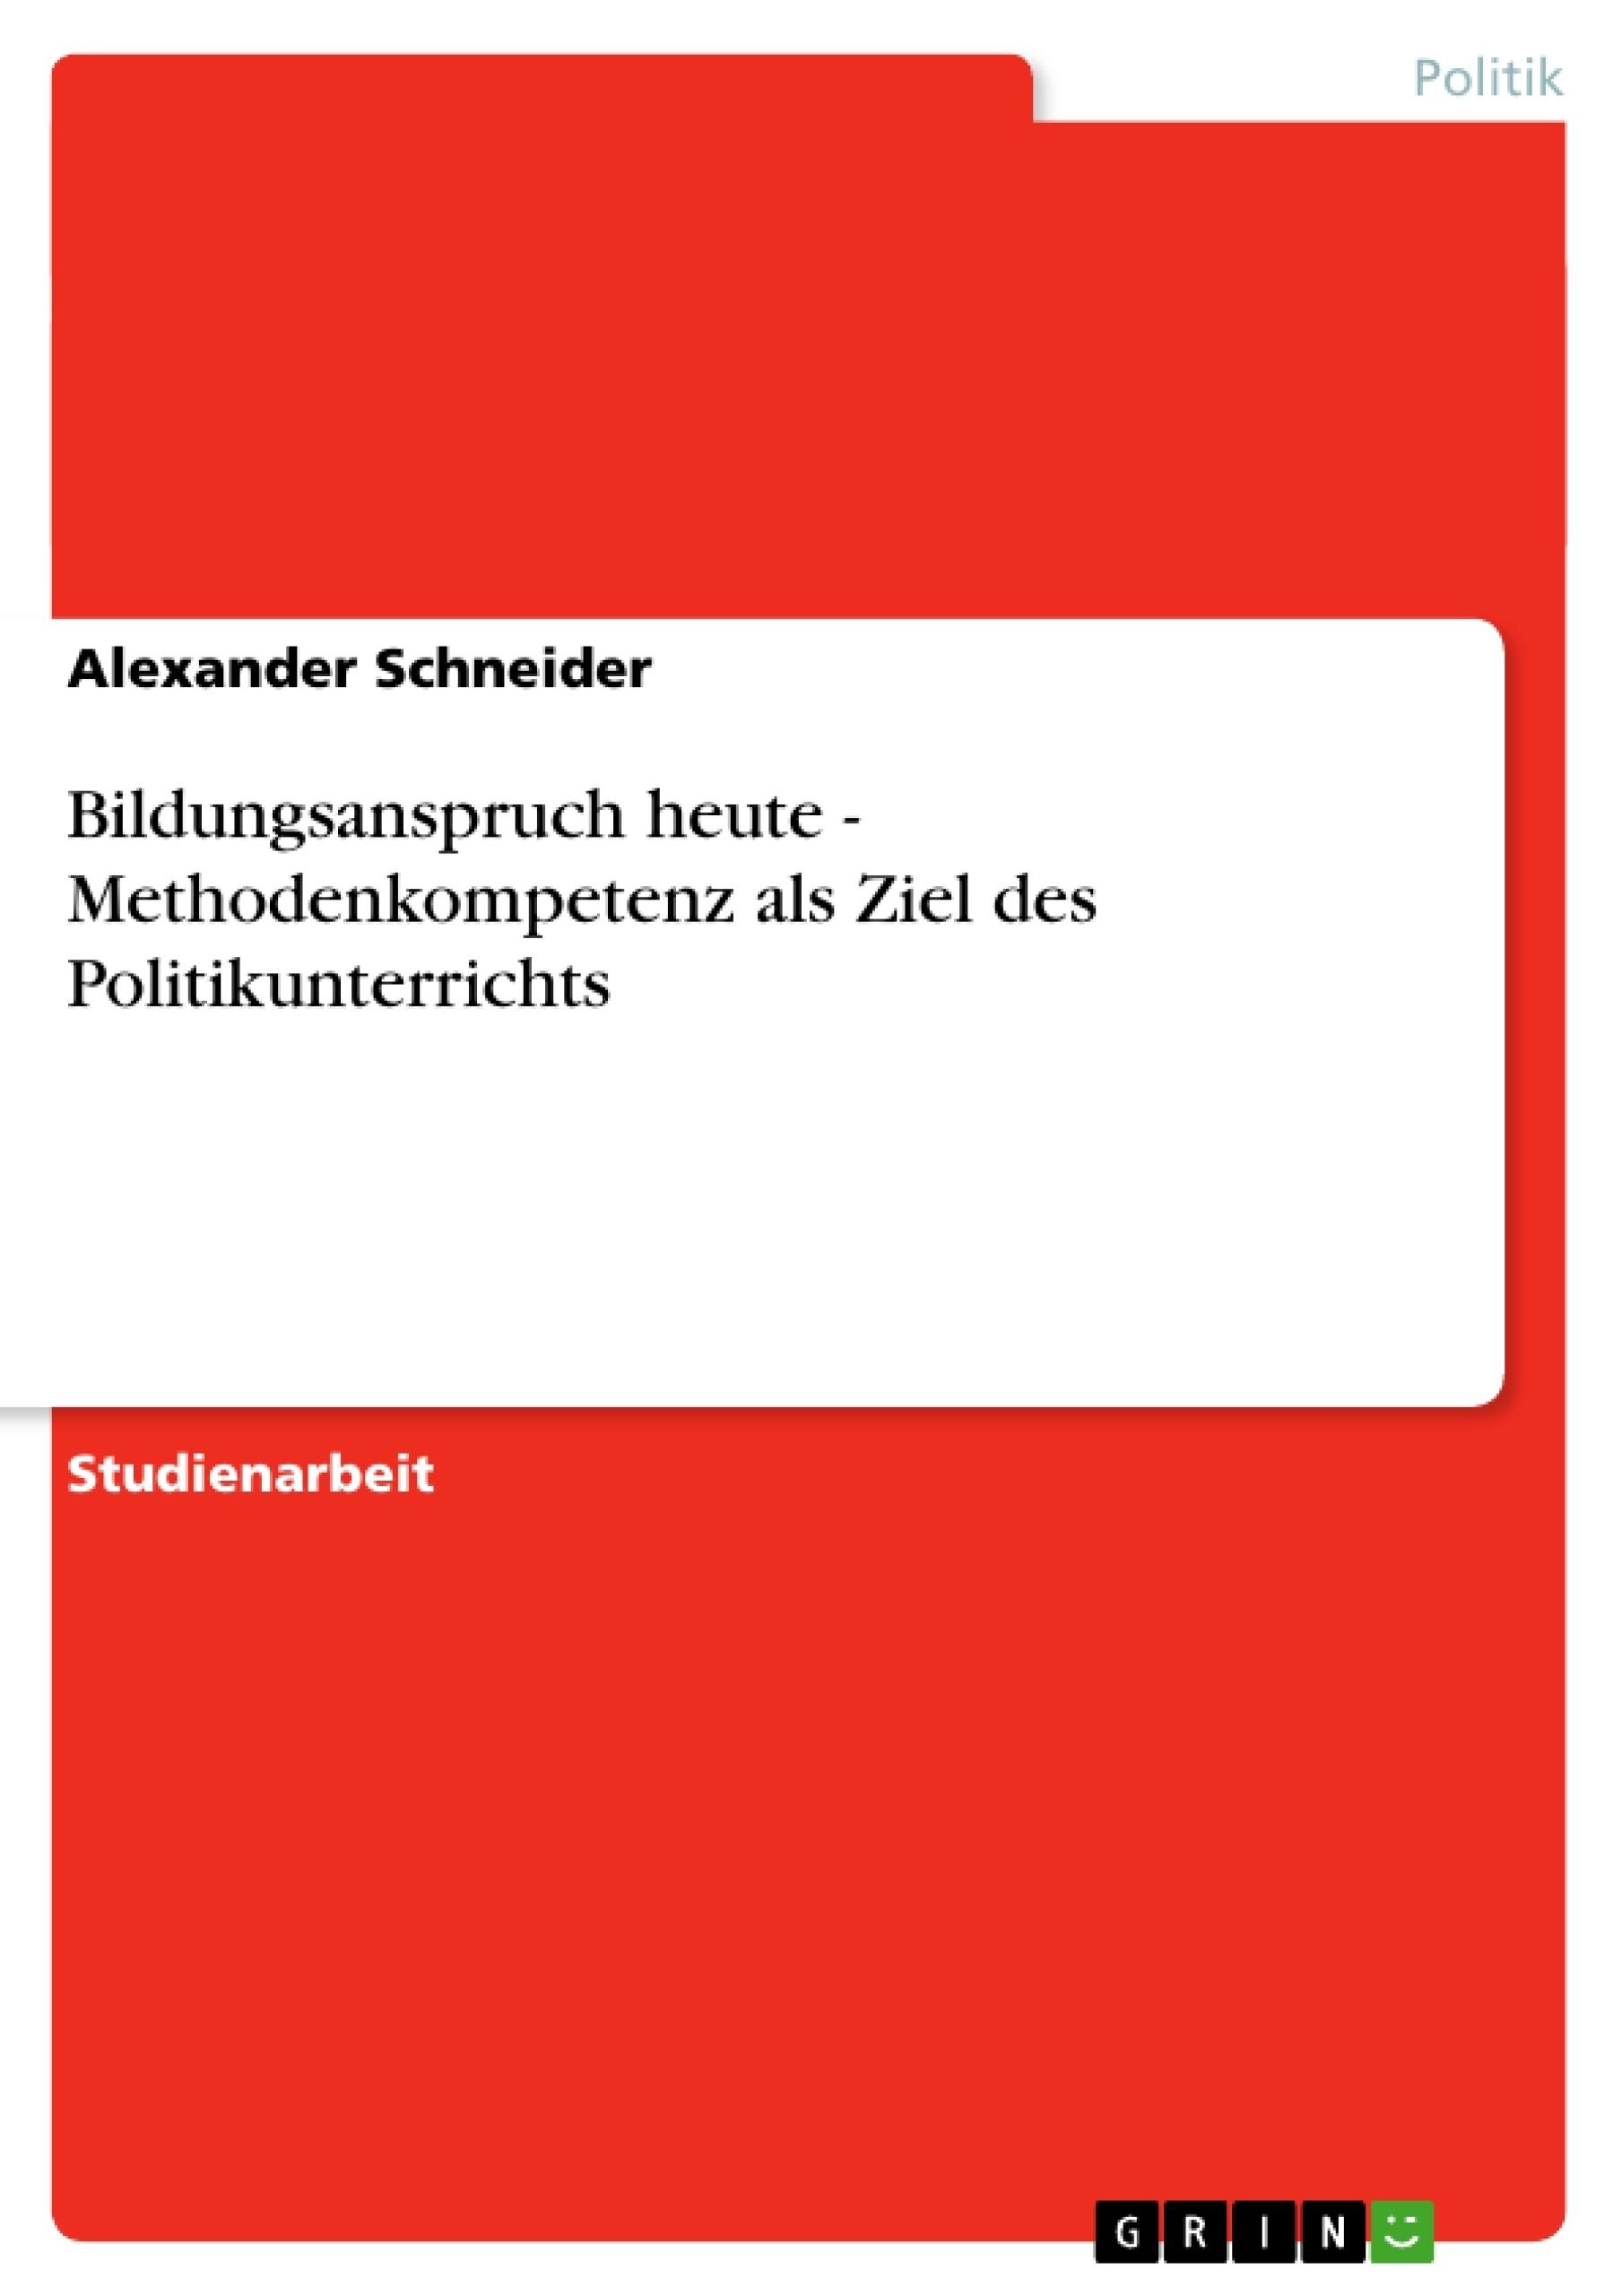 Titel: Bildungsanspruch heute - Methodenkompetenz als Ziel des Politikunterrichts